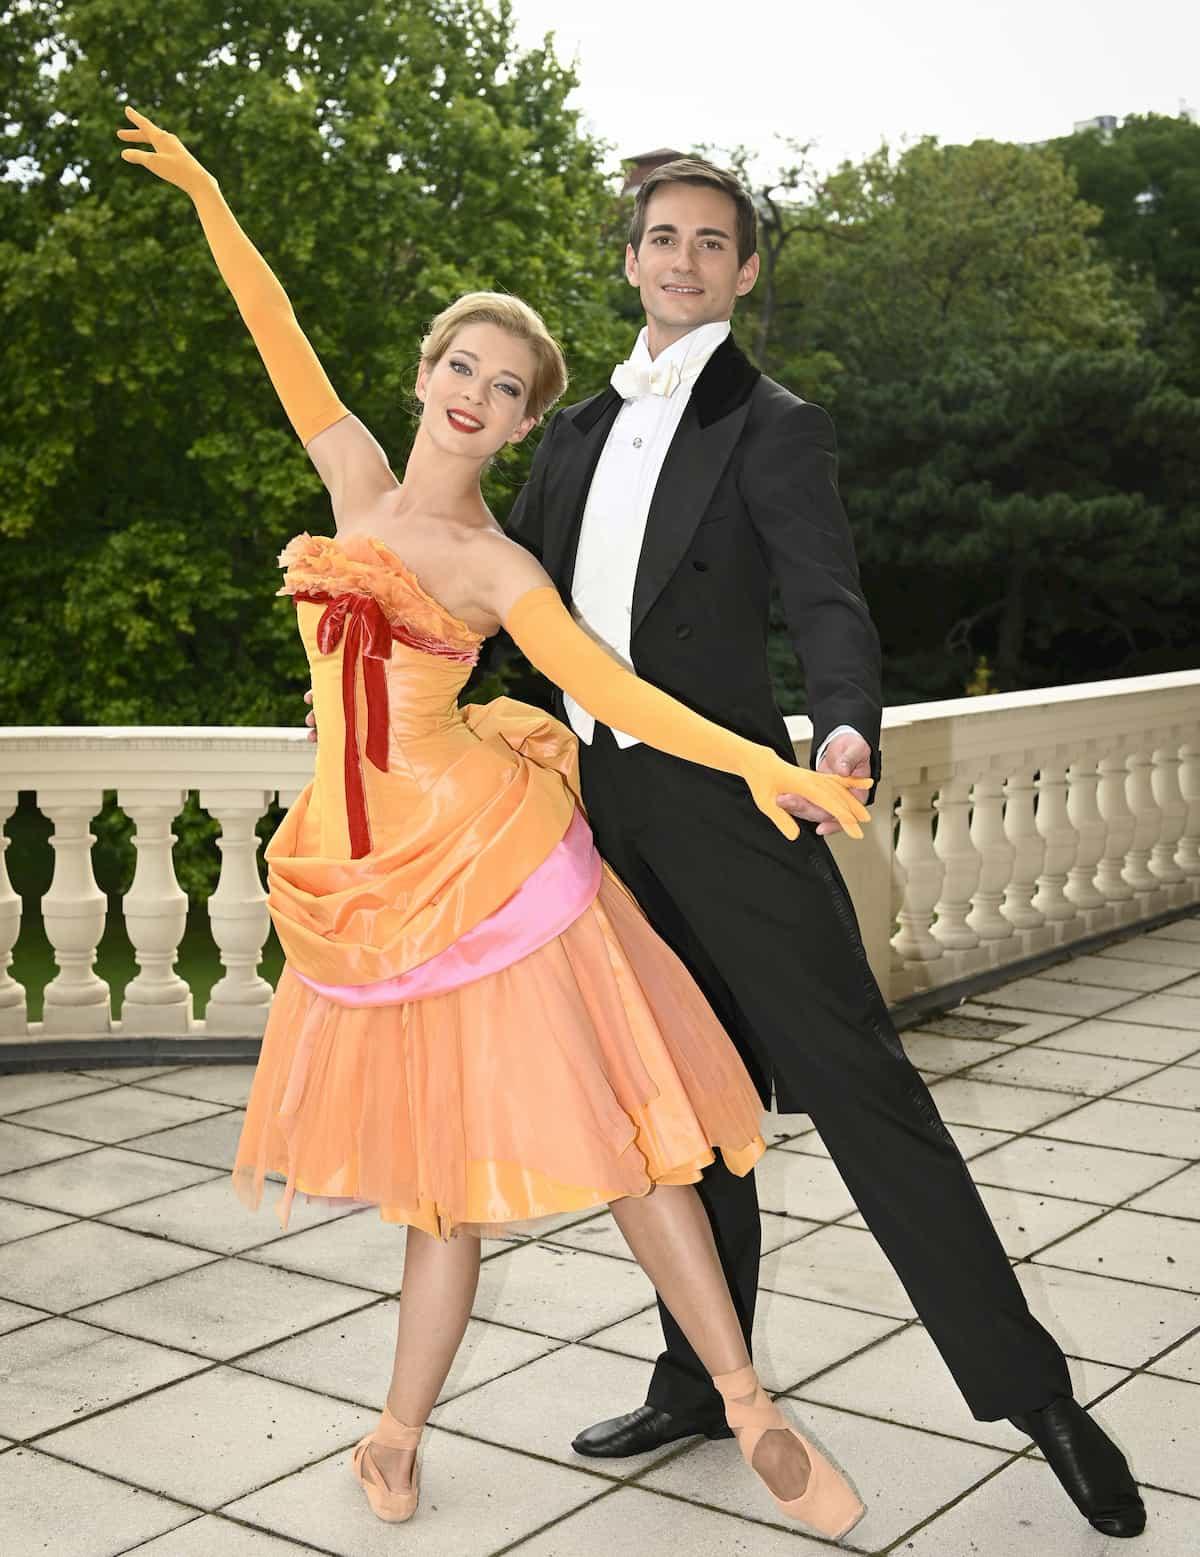 Eszter Ledan und Zsolt Török beim Ballett Neujahrskonzert Wiener Philharmoniker 2021